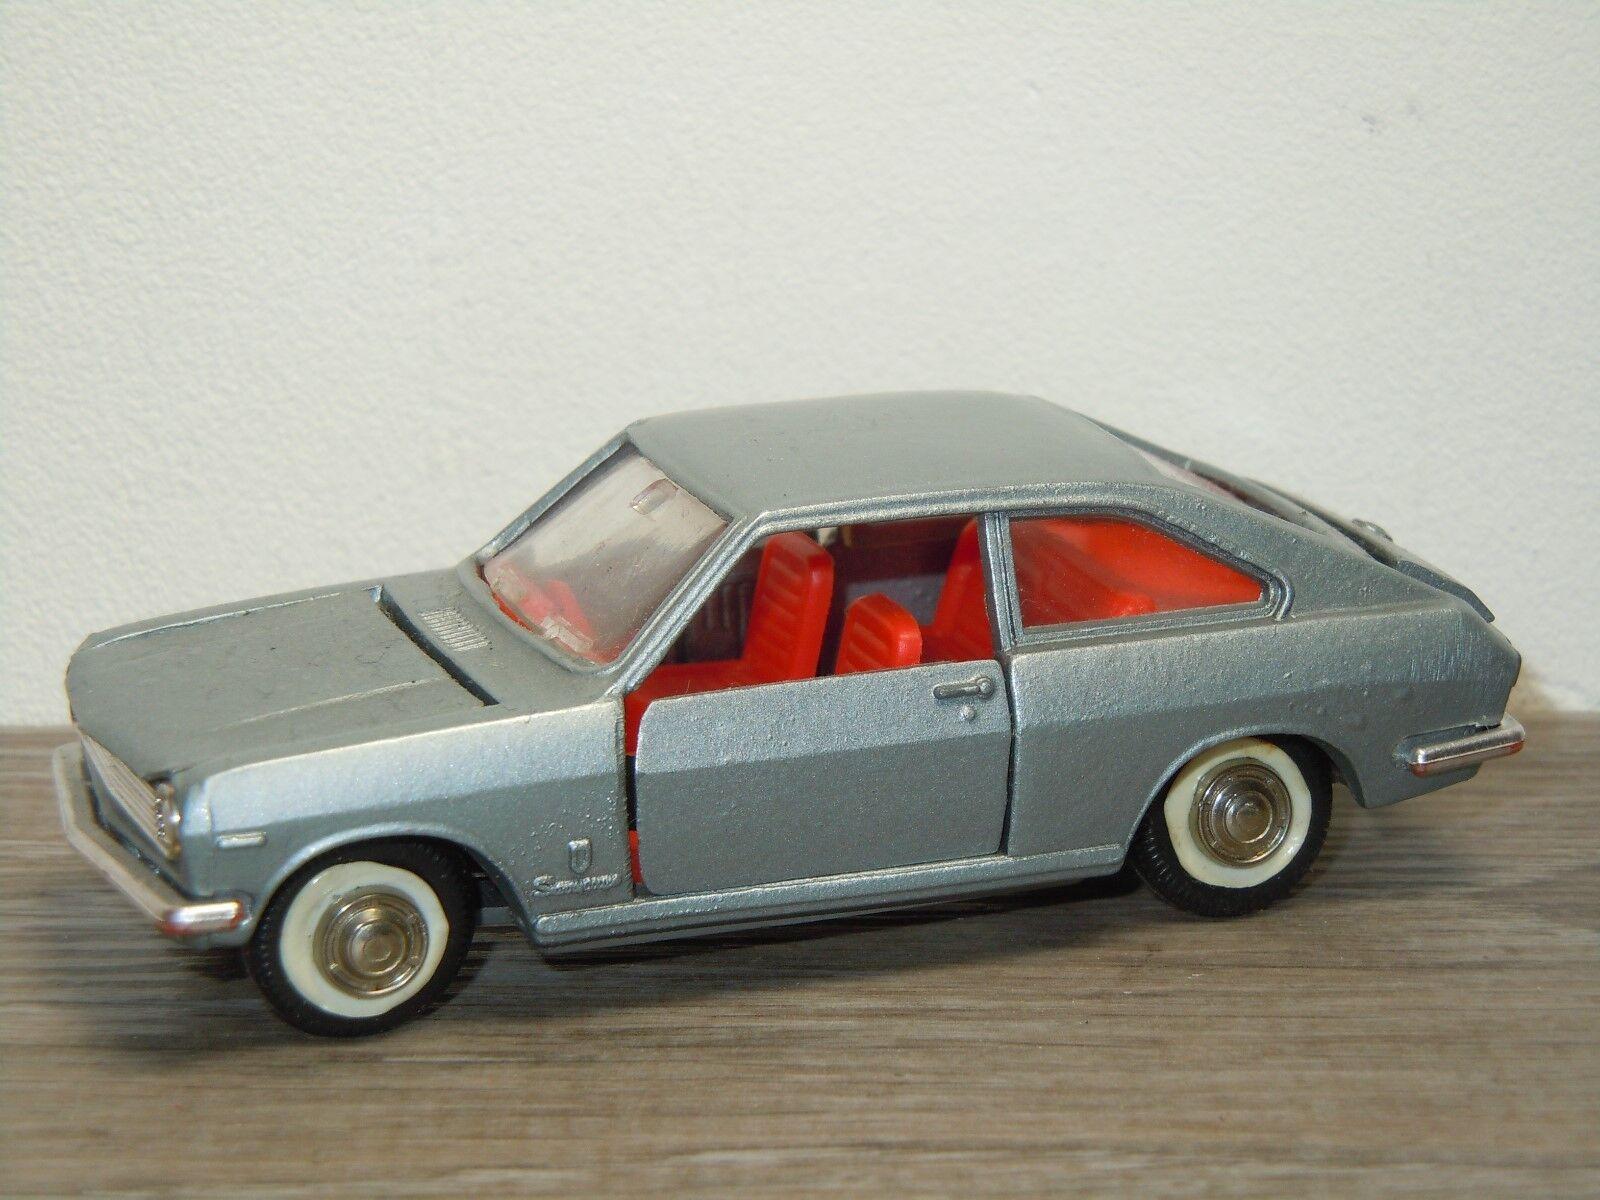 Nissan Sunny Coupe - Diapet Yoneazawa Yoneazawa Yoneazawa Toys D-182 Japan 1 40 33032 166bc0